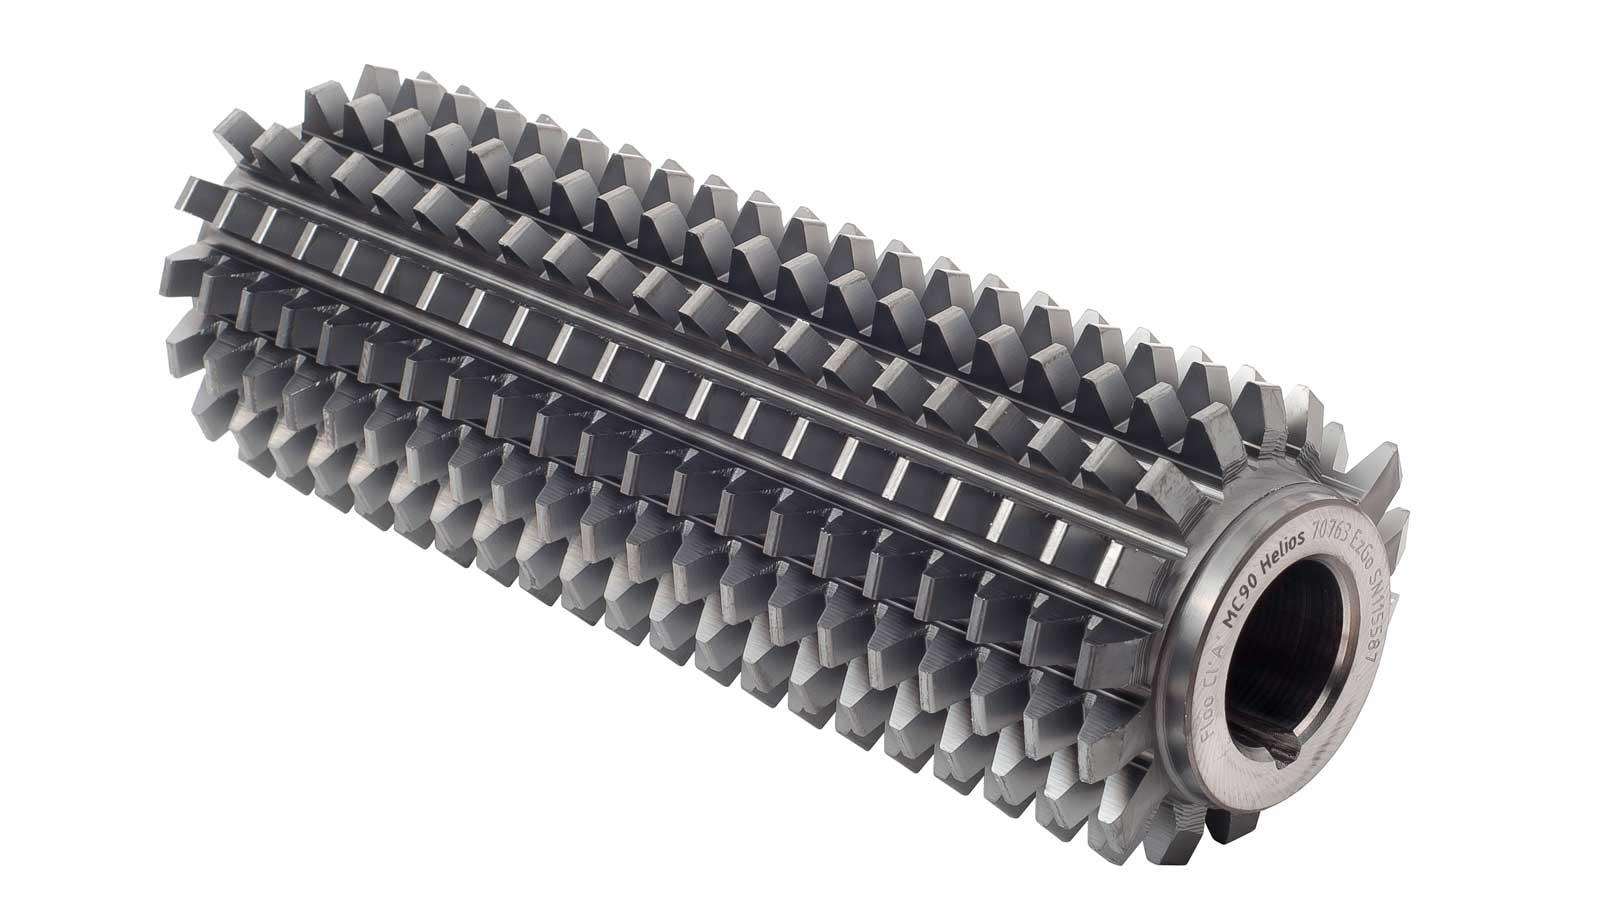 gear hob cutter